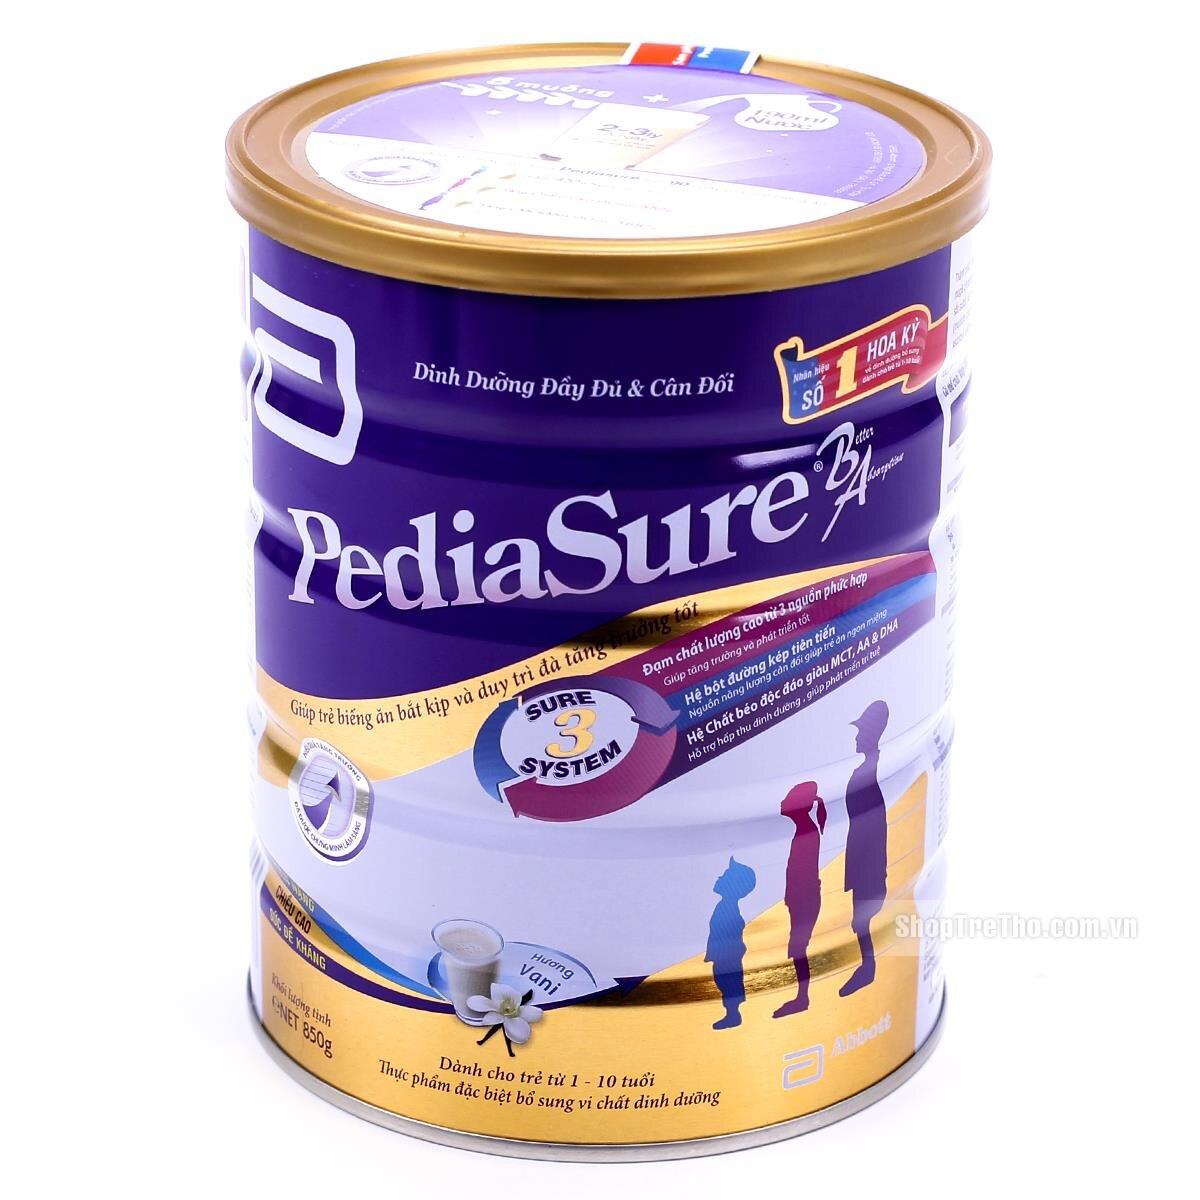 Sữa bột Abbott PediaSure B/A - hộp 1600g (dành cho trẻ biếng ăn từ 1 - 10 tuổi)